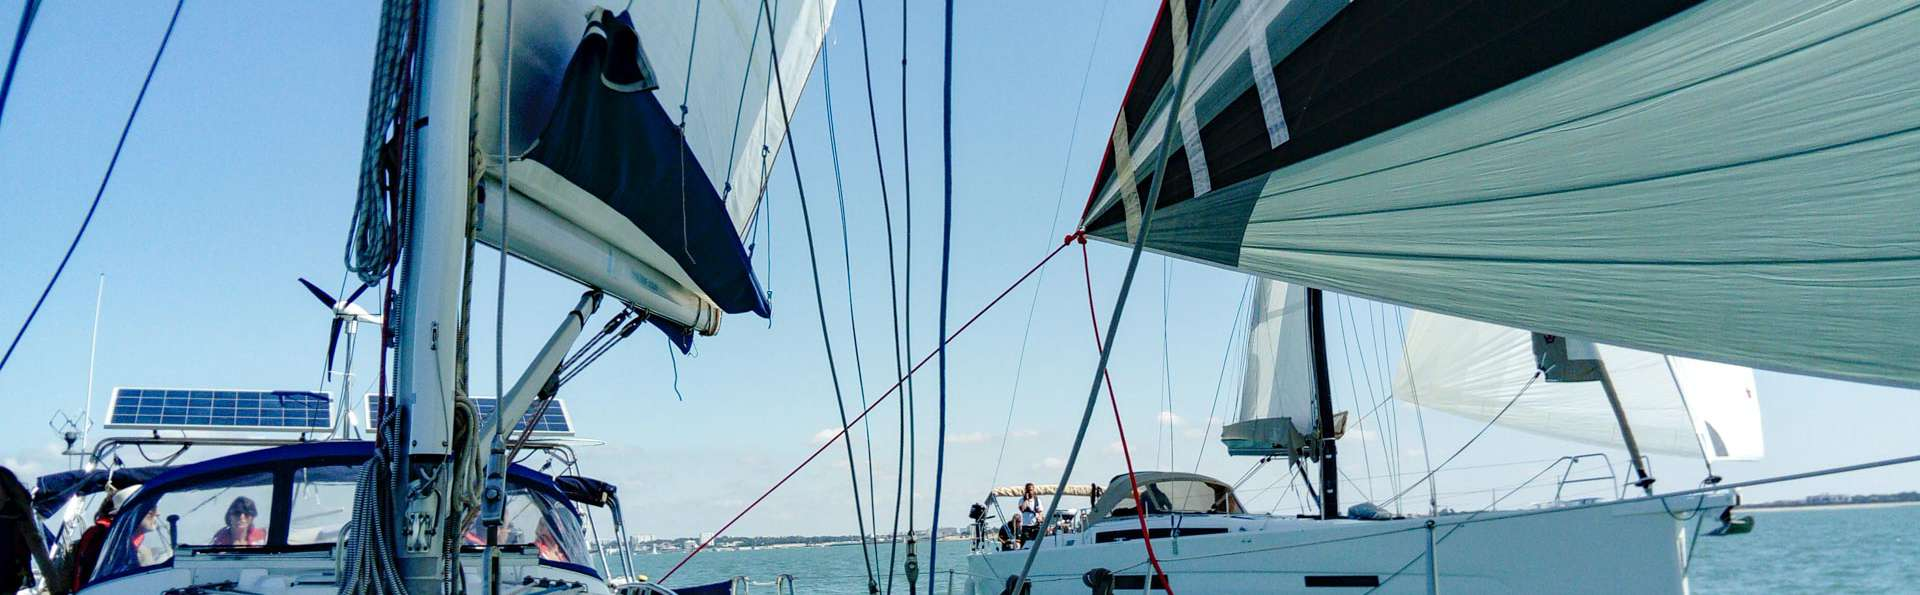 Séjour sur l'eau avec croisière en voilier